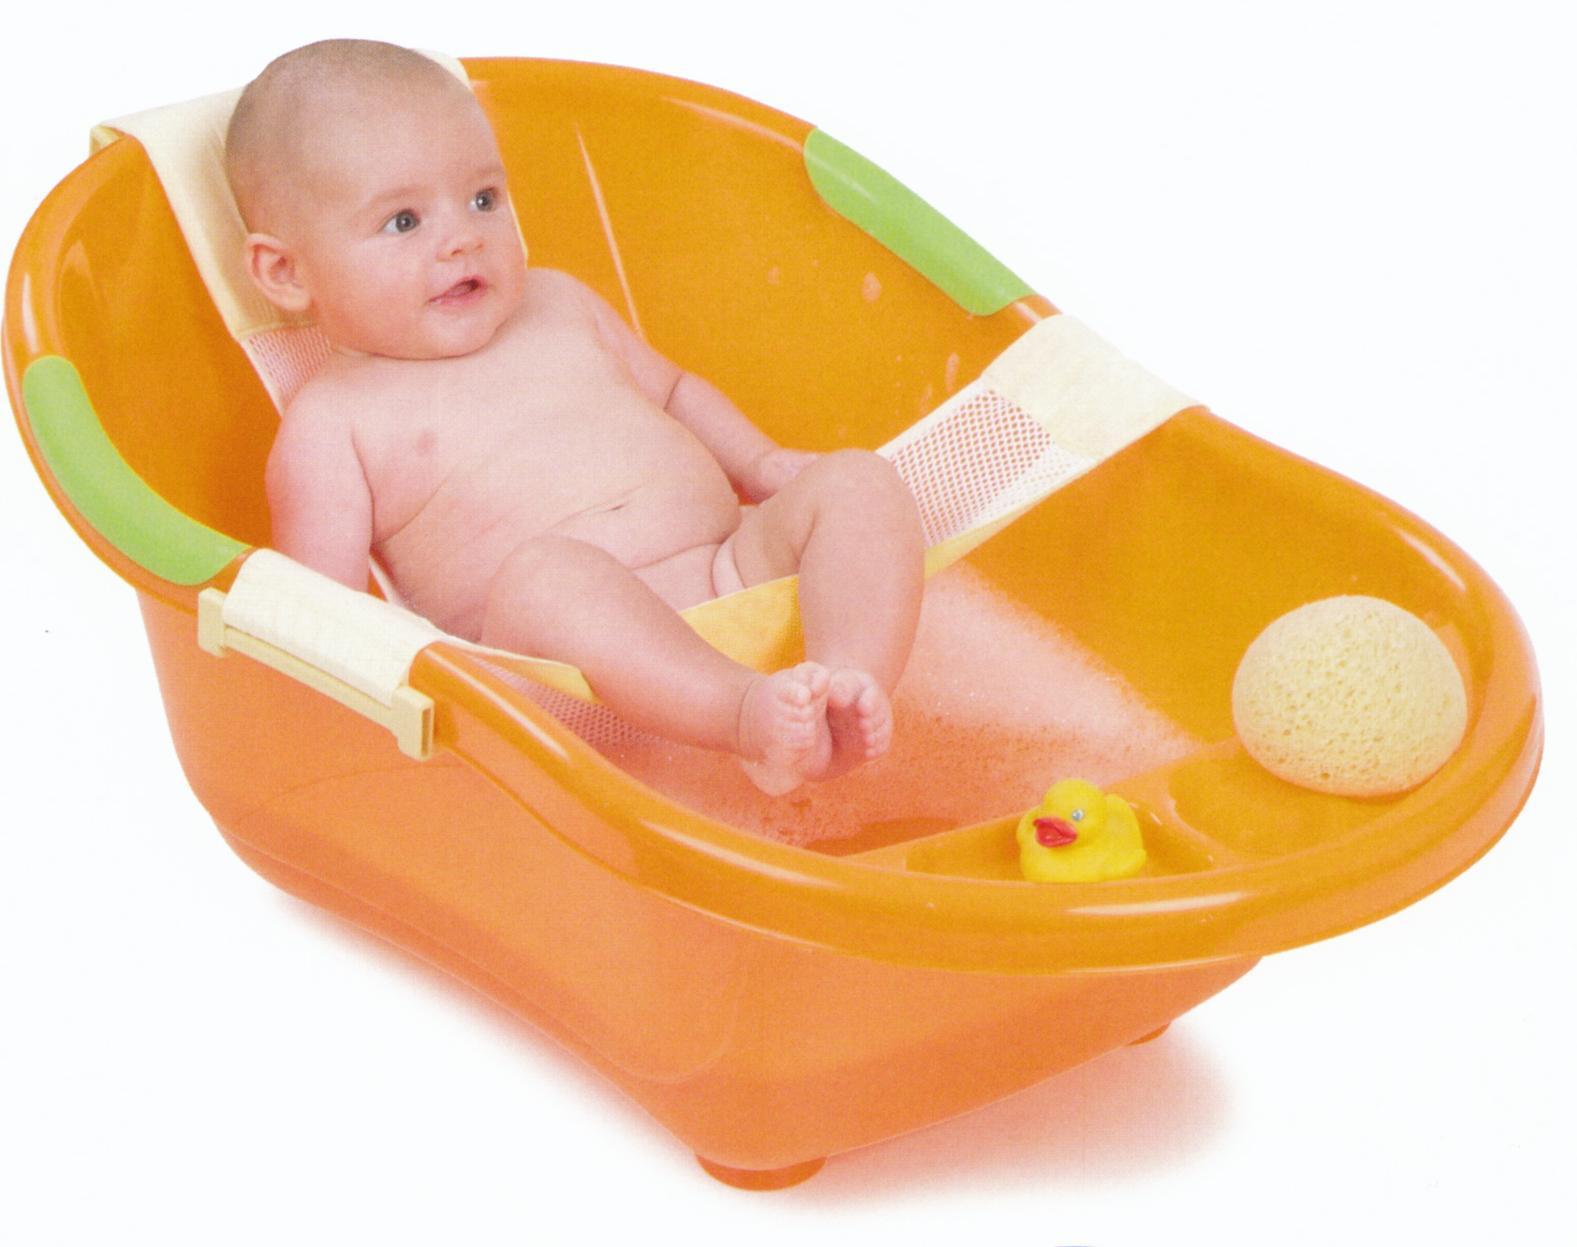 Детская ванночка для купания с гамаком удобна только первые несколько месяцев, а потом гамак можно снять